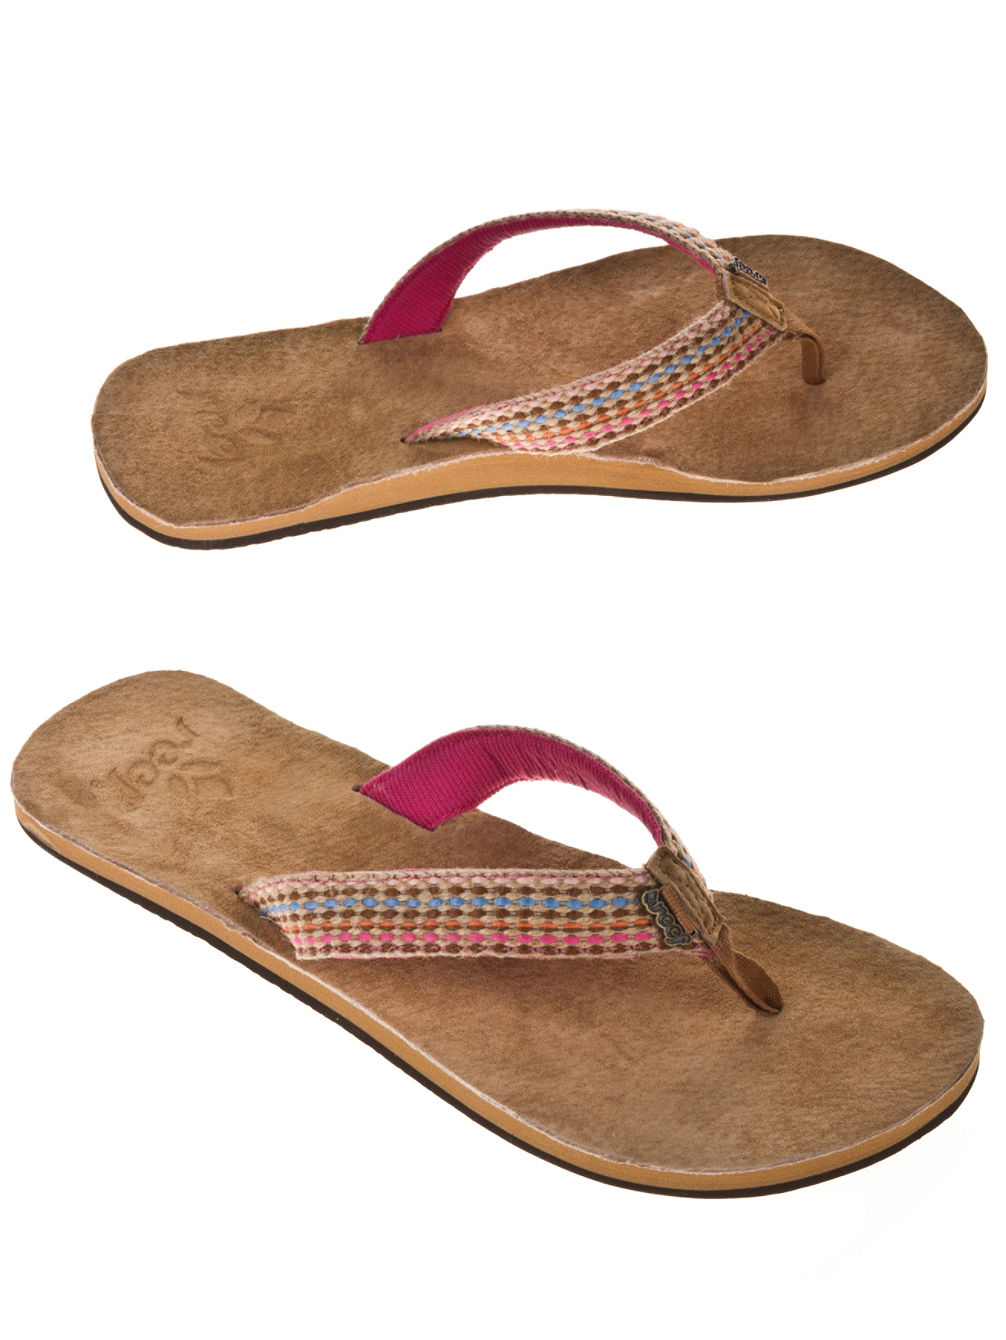 reef-gypsylove-sandals-women